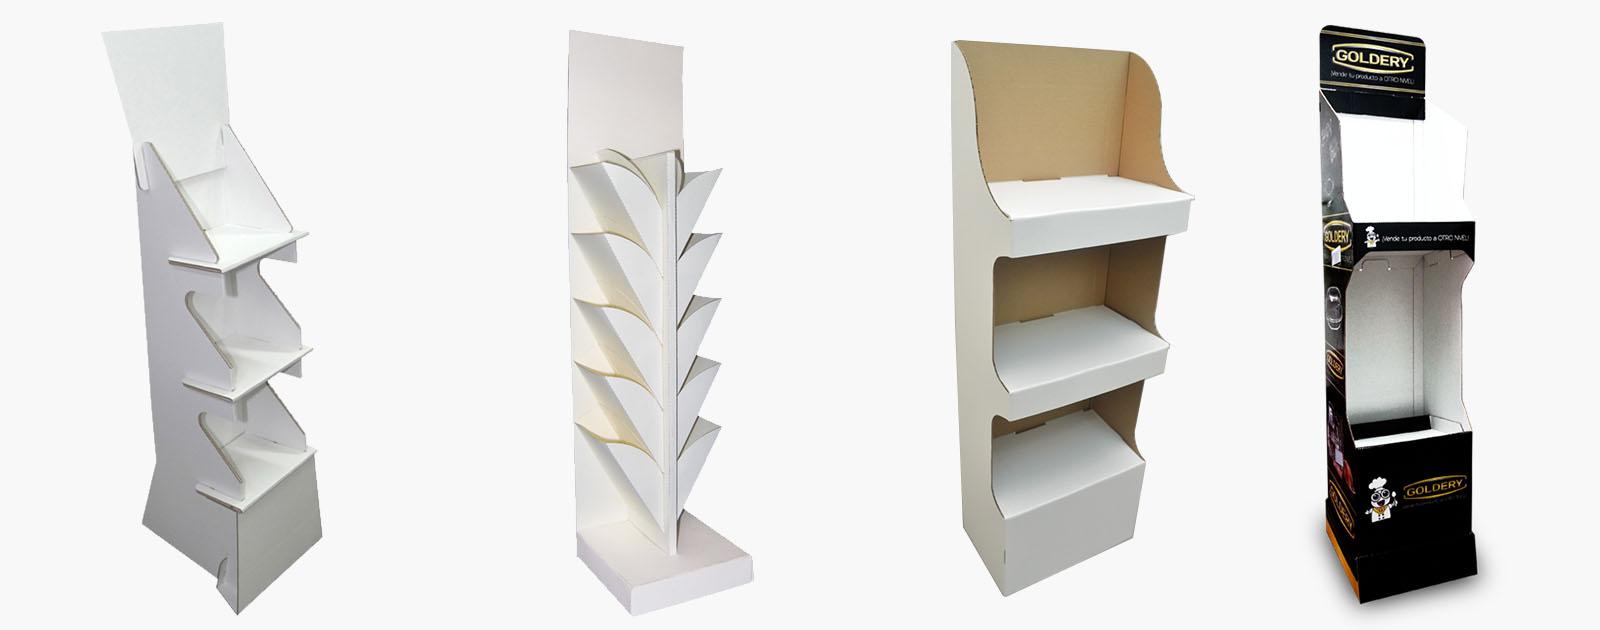 Fabrica de Cajas de Carton corrugado